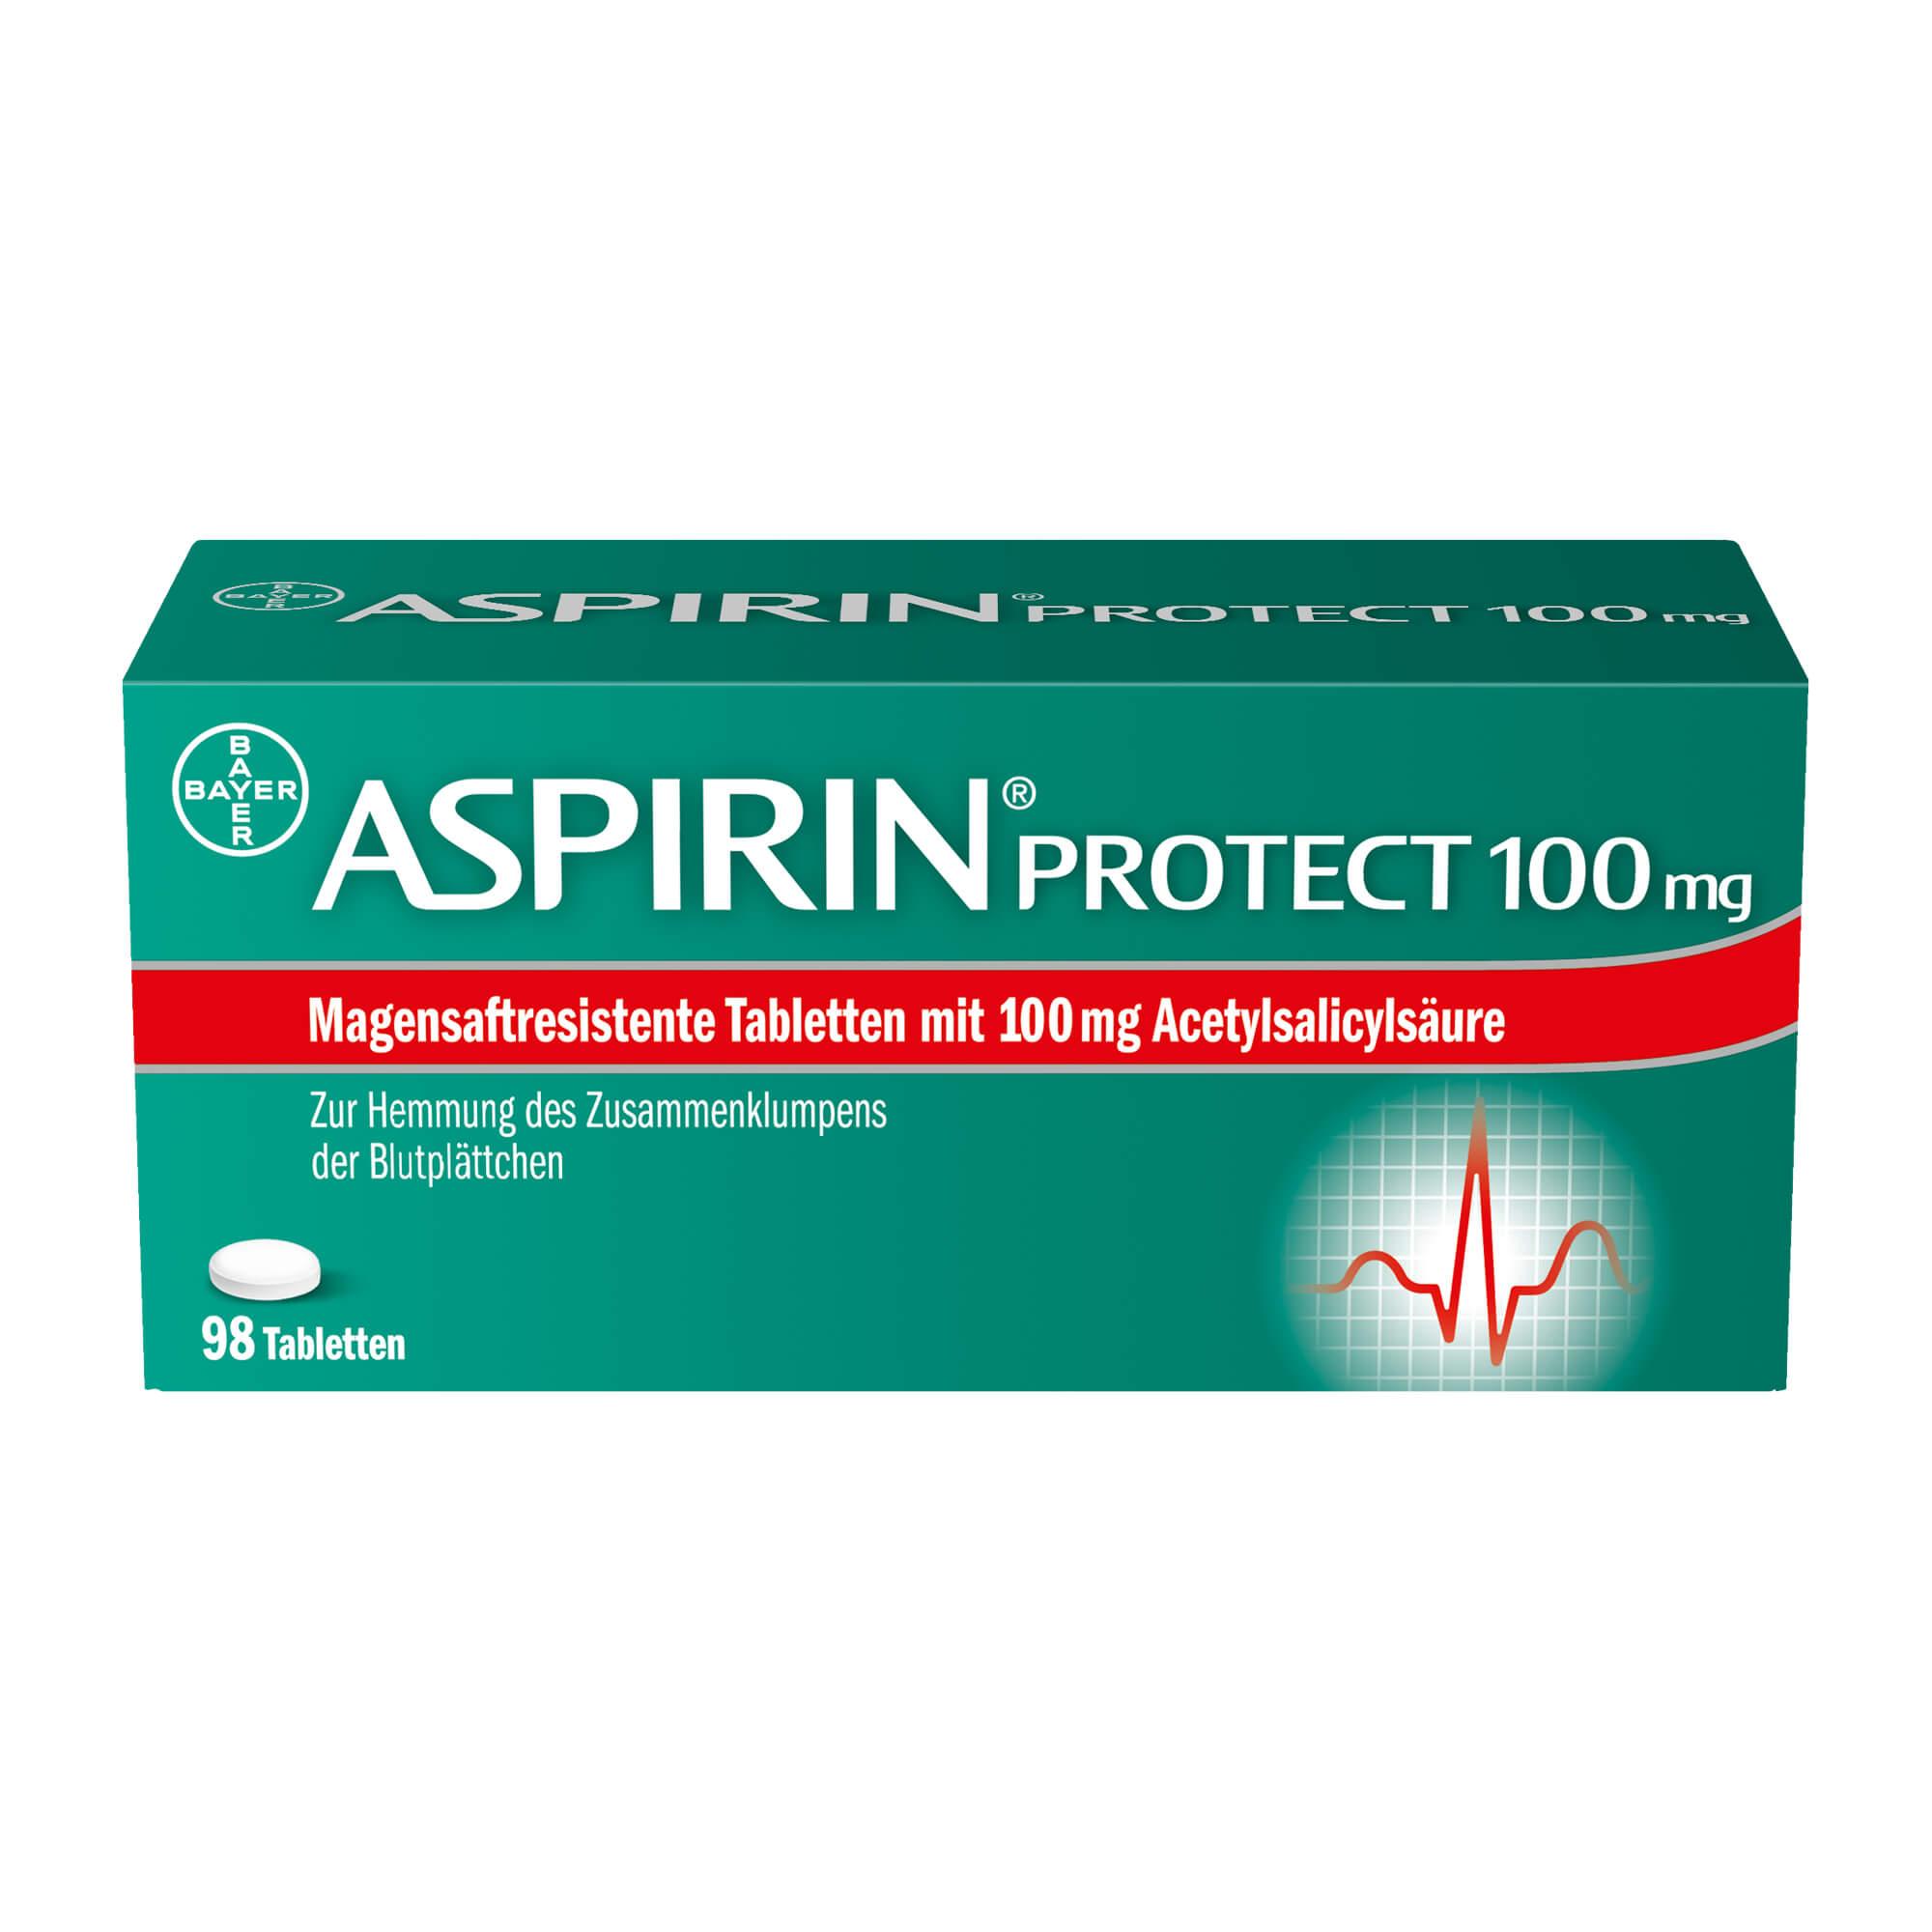 Aspirin Protect 100 mg